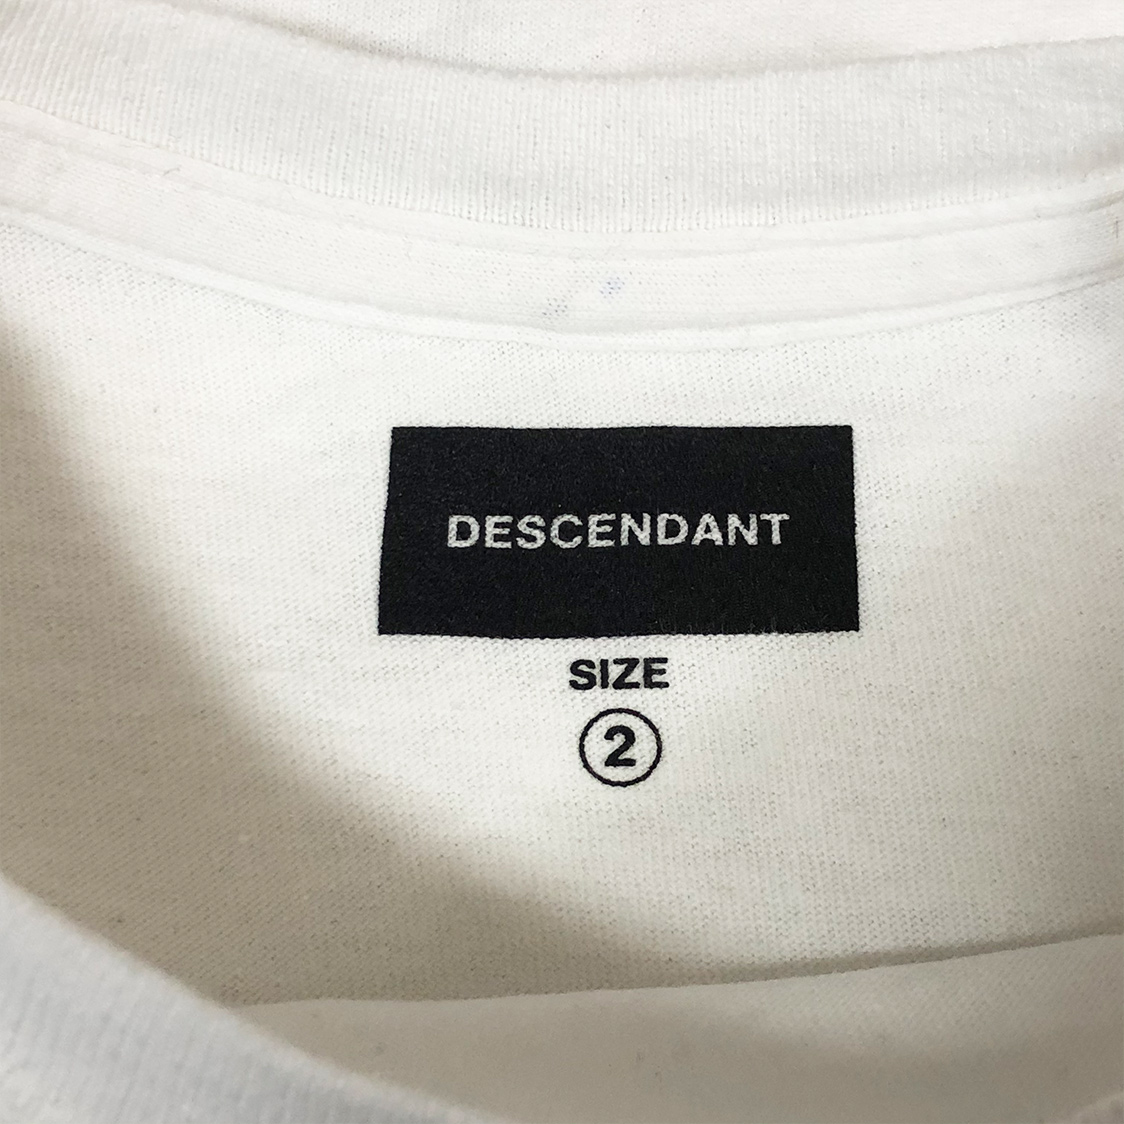 DESCENDANT ディセンダント 【サイズ2】 ロゴ Tシャツ カットソー 半袖 2018SS